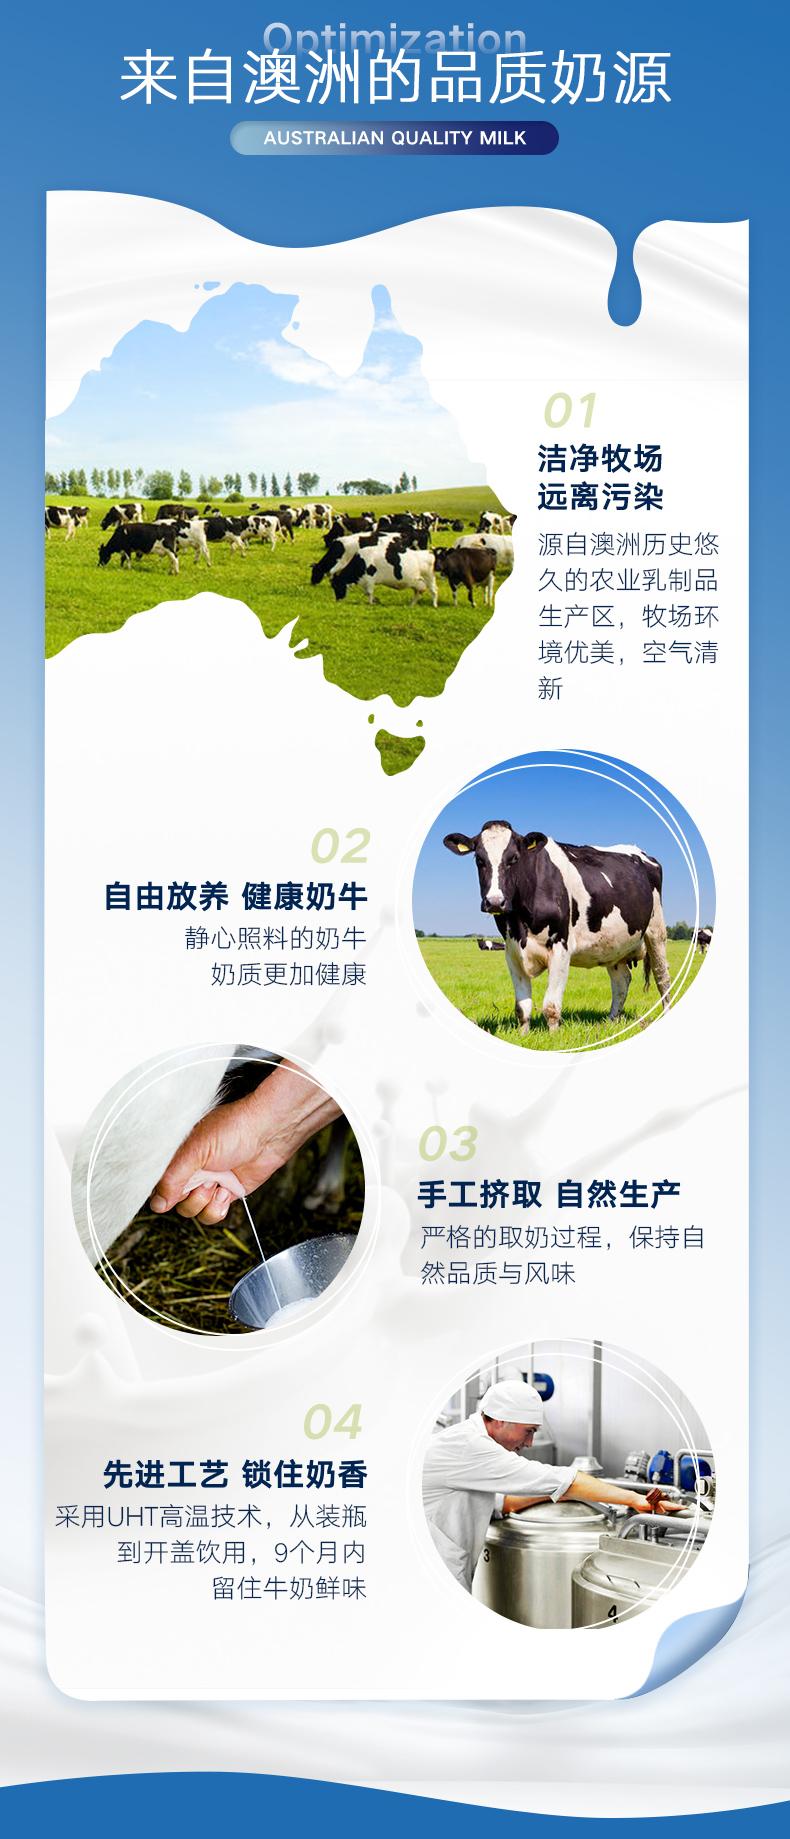 奥乐齐 澳洲进口 全脂牛奶 1L*6盒 图2